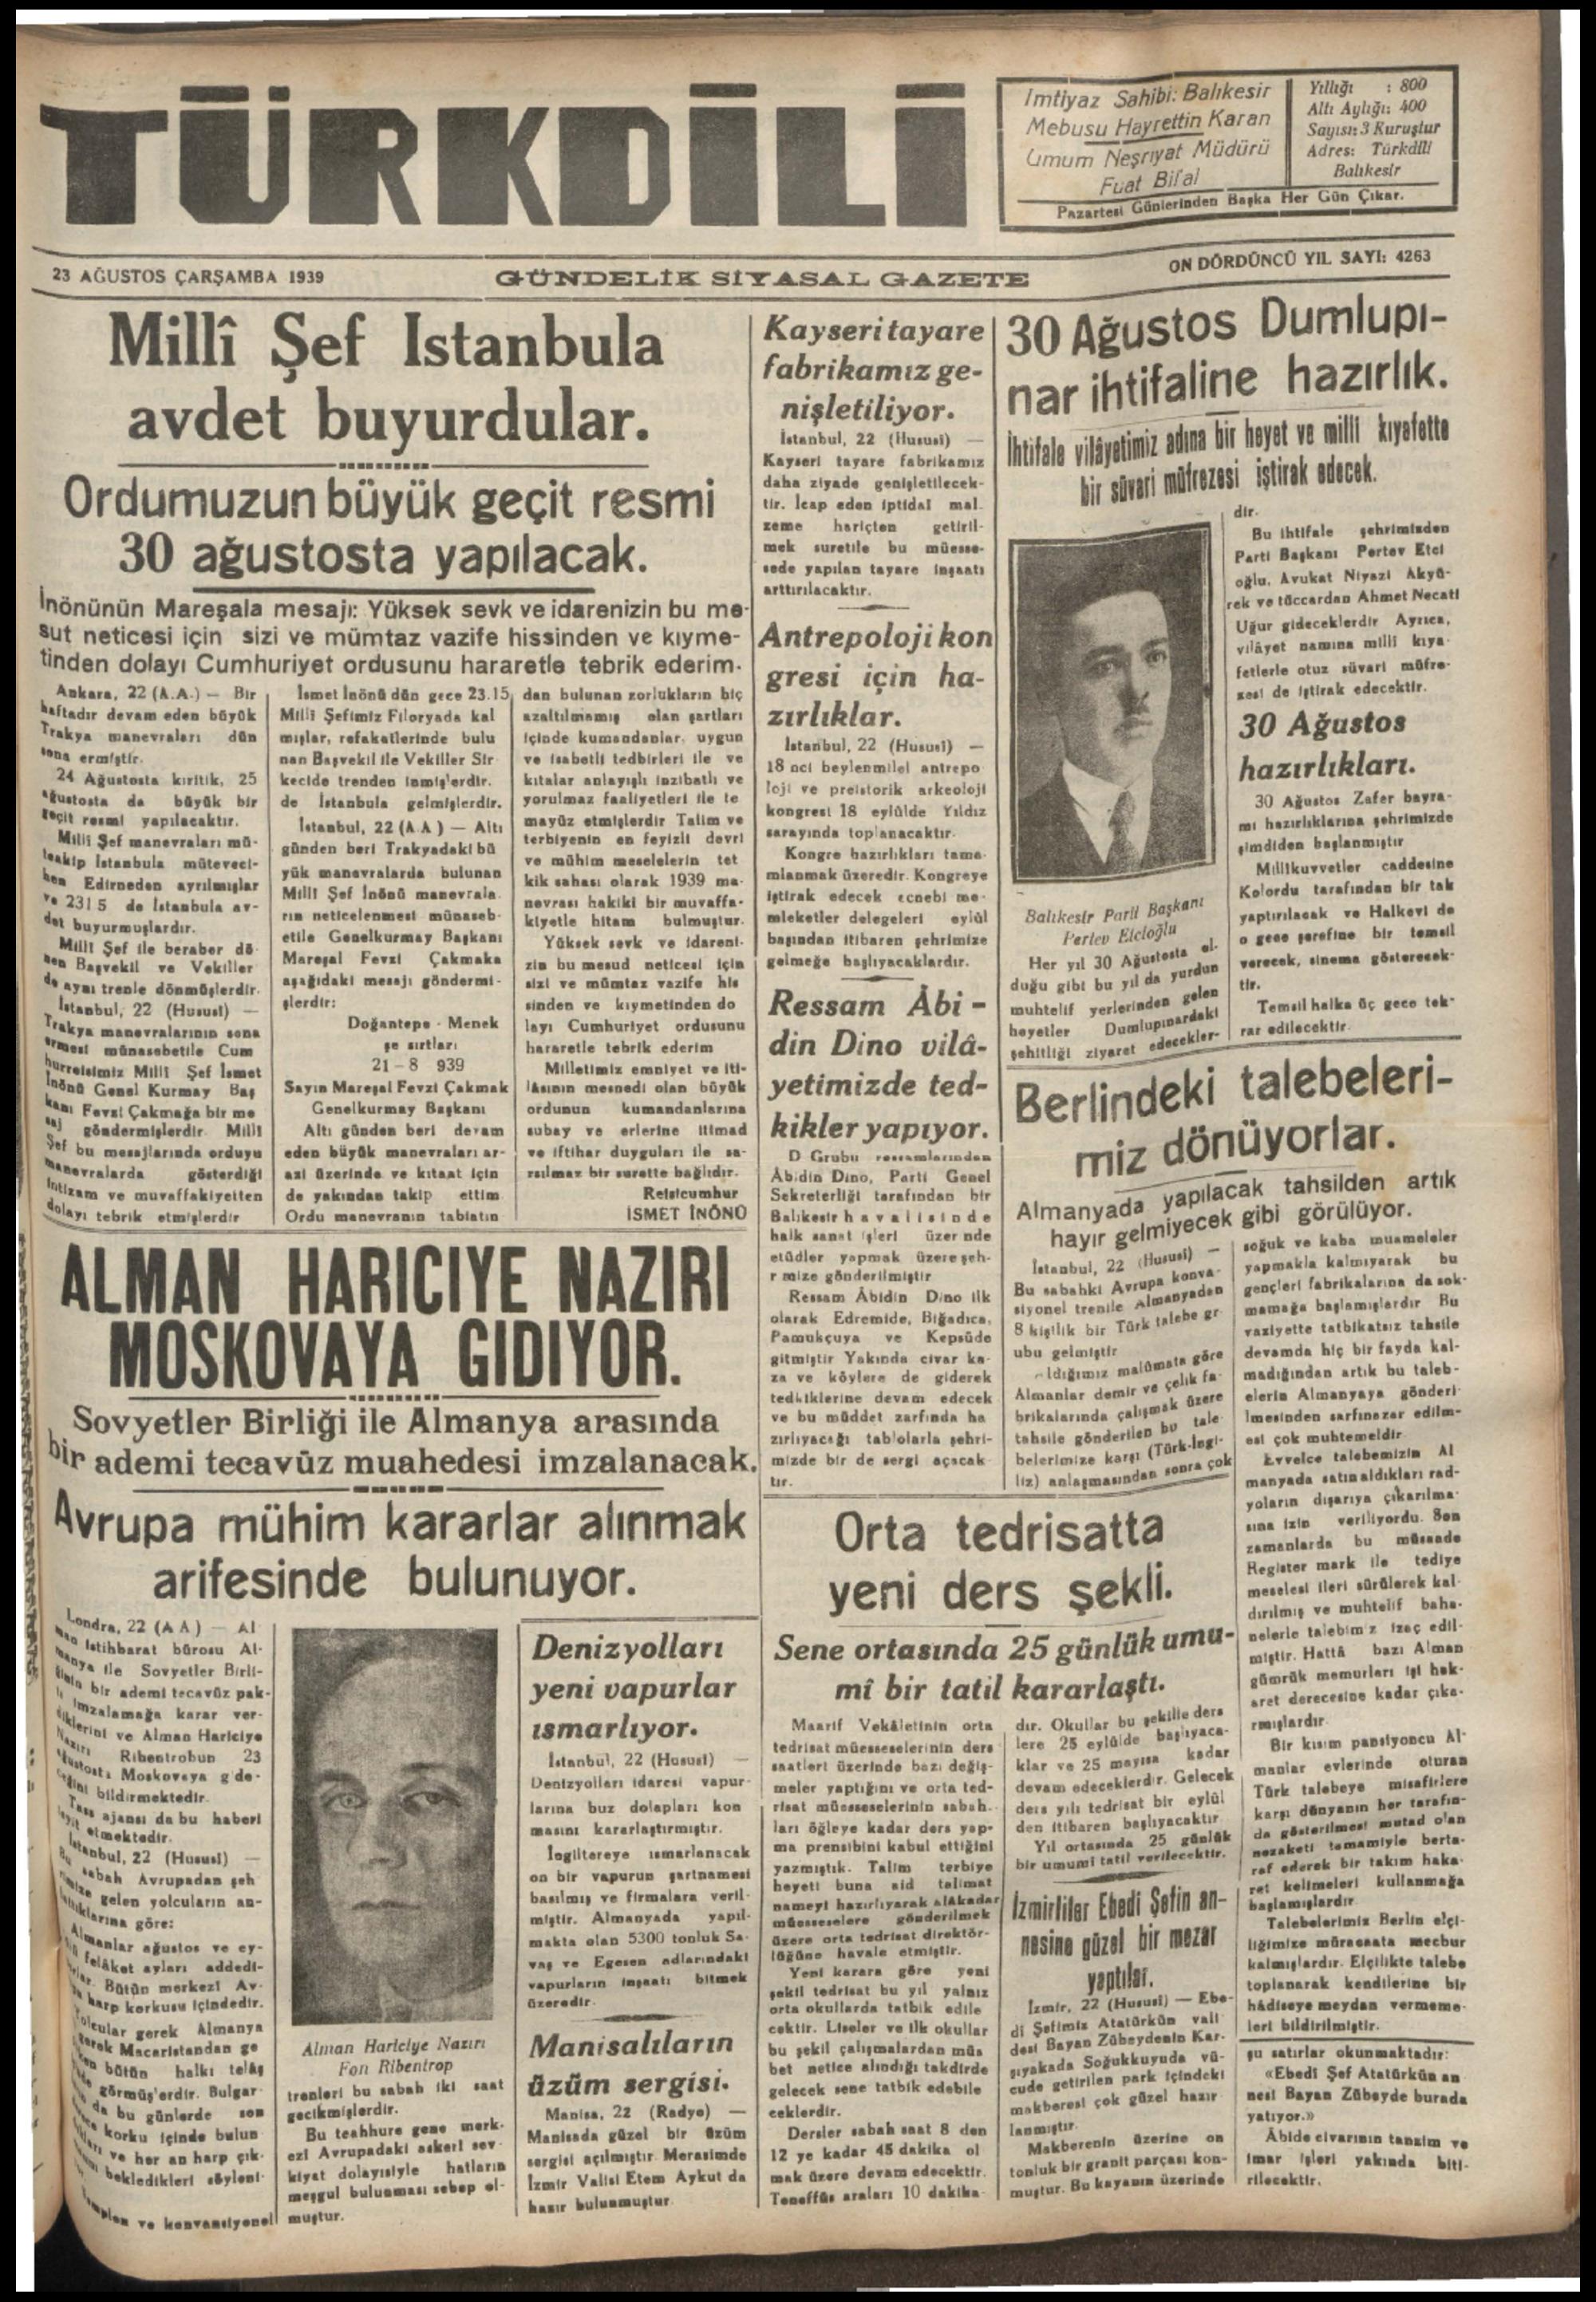 x_——_—__—__—__——_——m 23 AĞUSTOS ÇARŞAMBA 1939 GÜNDELI%_M_—MıiE_E__#'&TEO_BLİI__ ella Kayseritayare USİOS umlupl- Milli Şef Istanbula — £ ğxsritayare âgrAi%tifaiine Hdic nişletiliyor. - |! ör Bi — Da A T Ş güinizala l ha v ai nt avdet buyurdular.